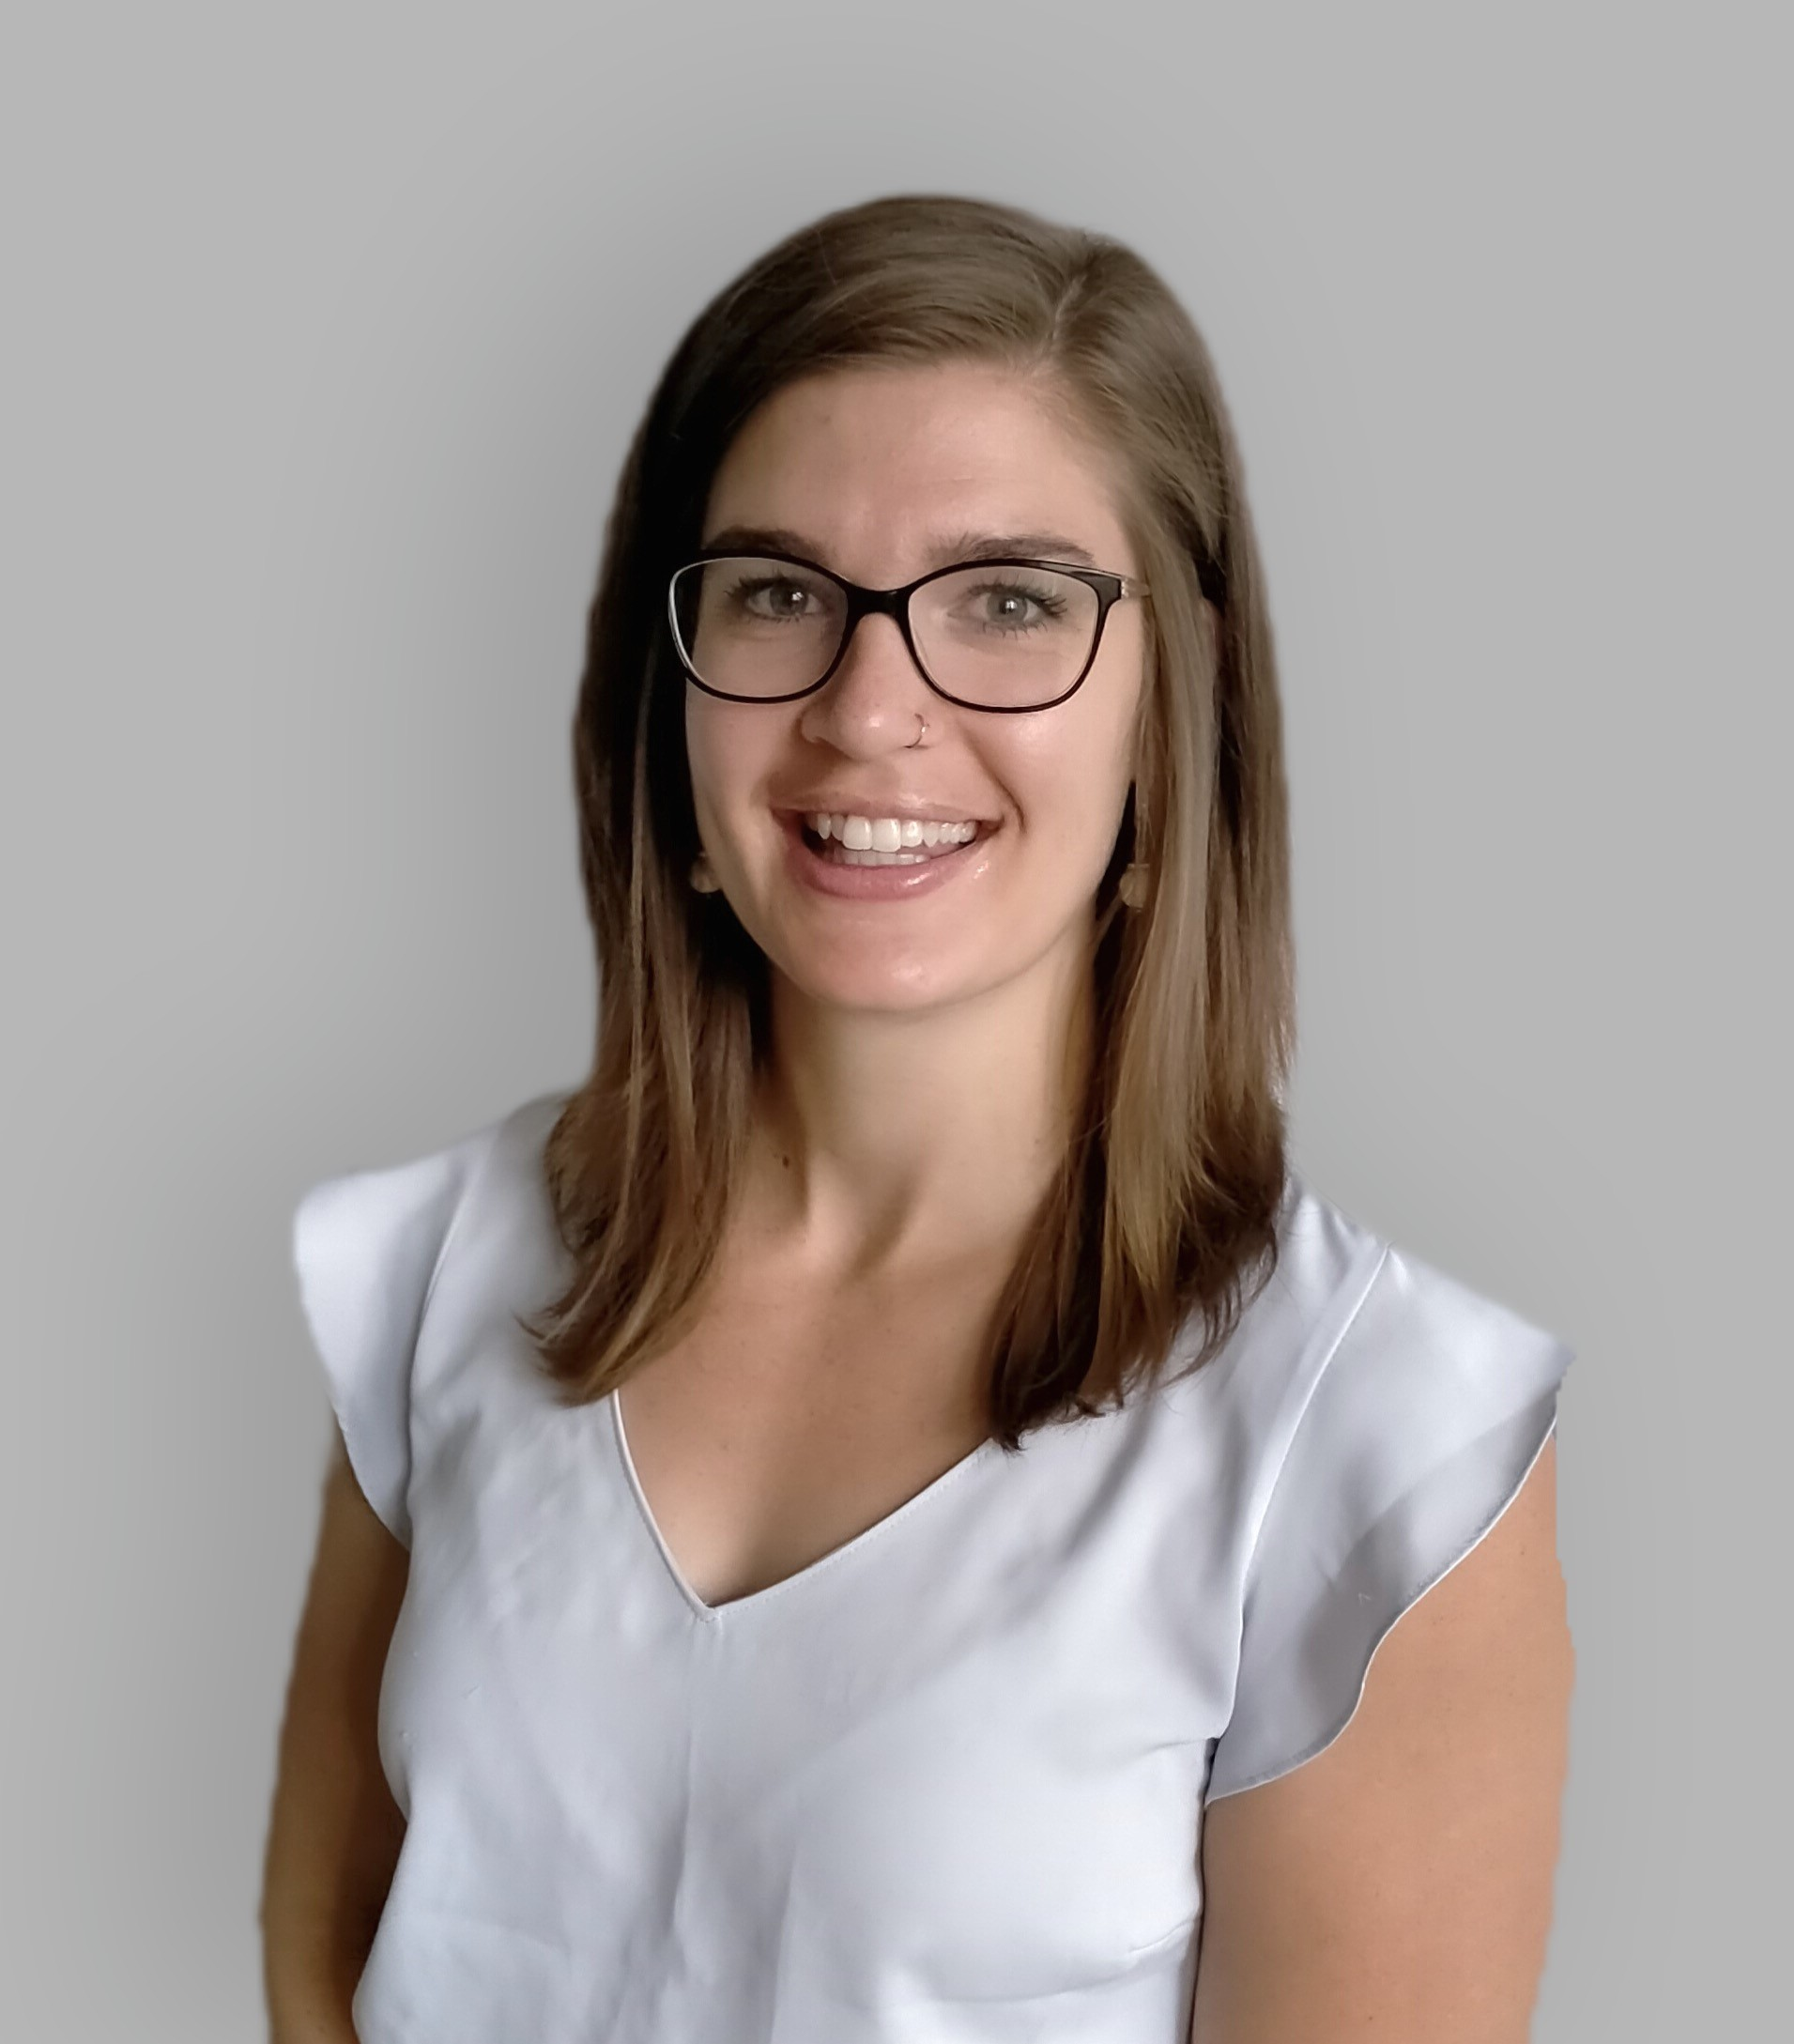 Zoe Porch, Fyshwick, ORS